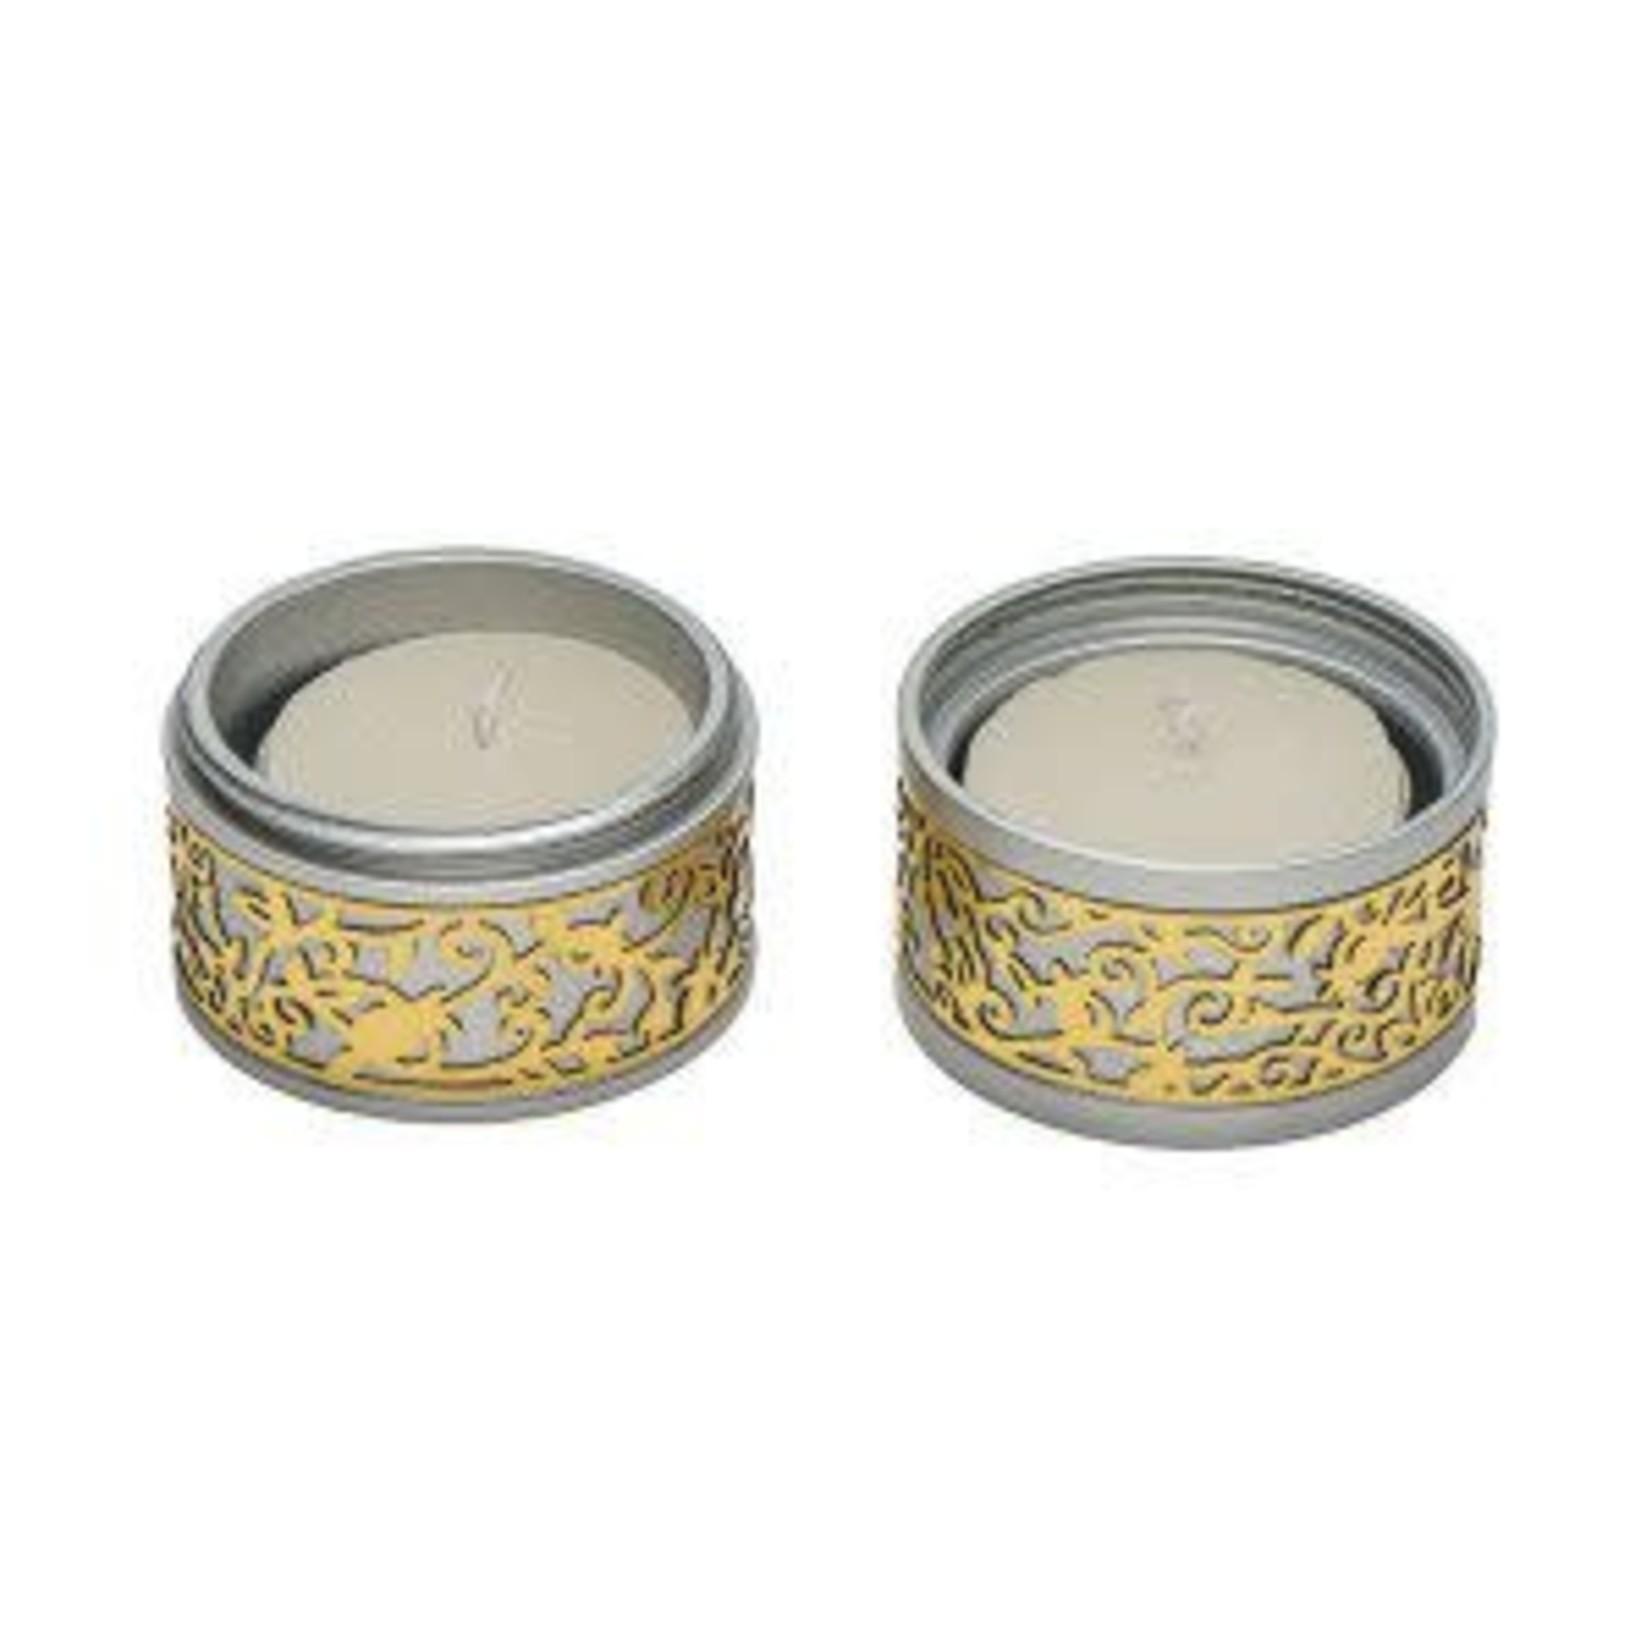 Yair Emanuel Tealight Candlesticks, Aluminum